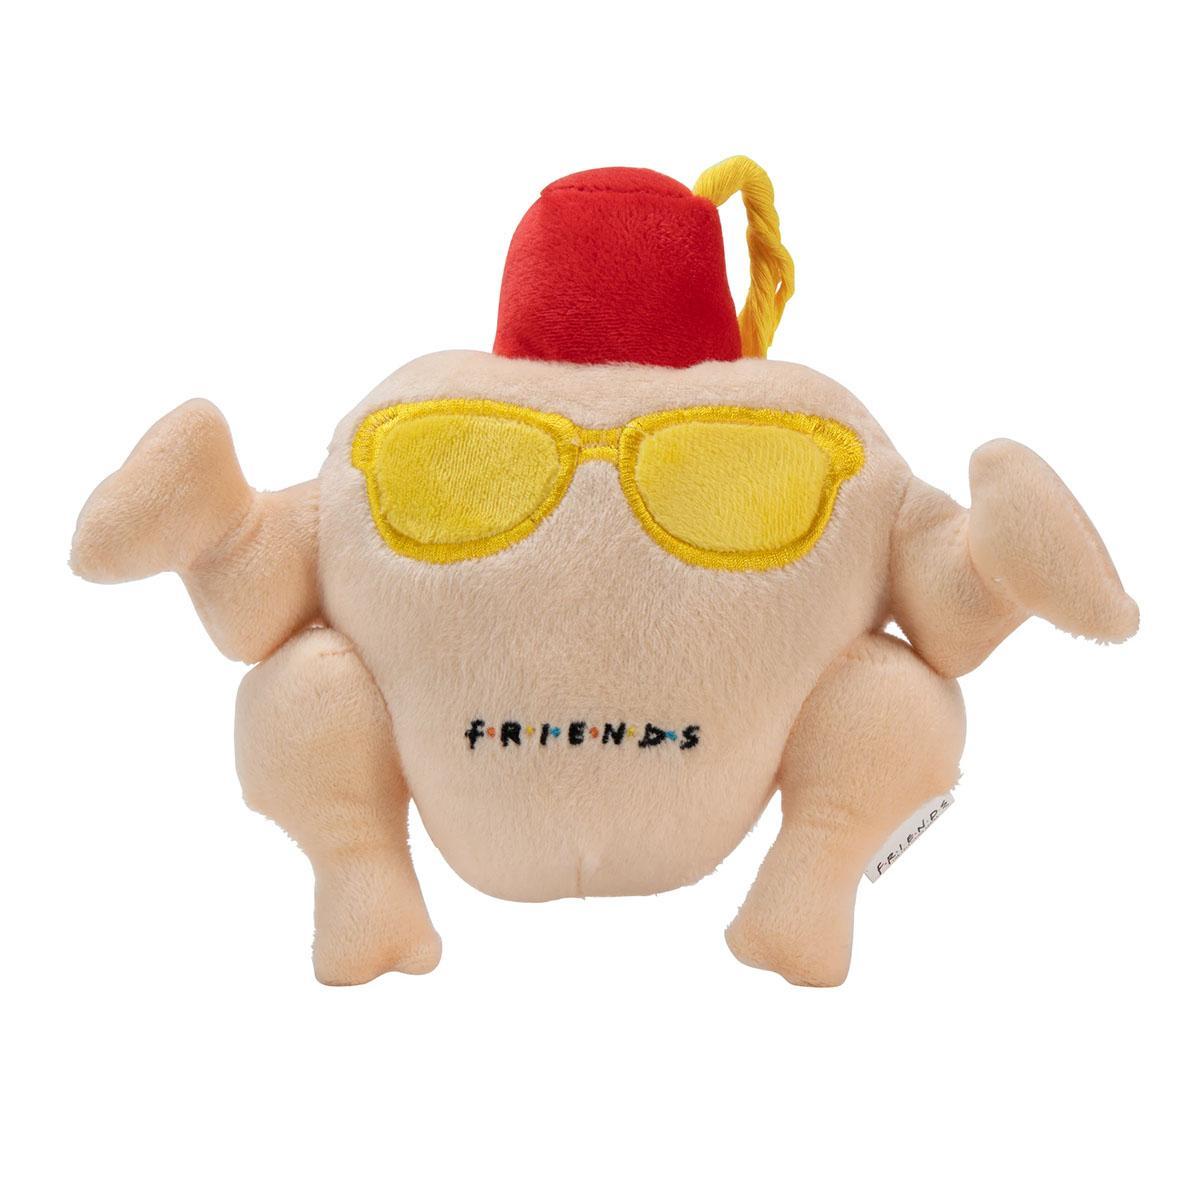 FRIENDS: Turkey Head Plush Squeak Dog Toy